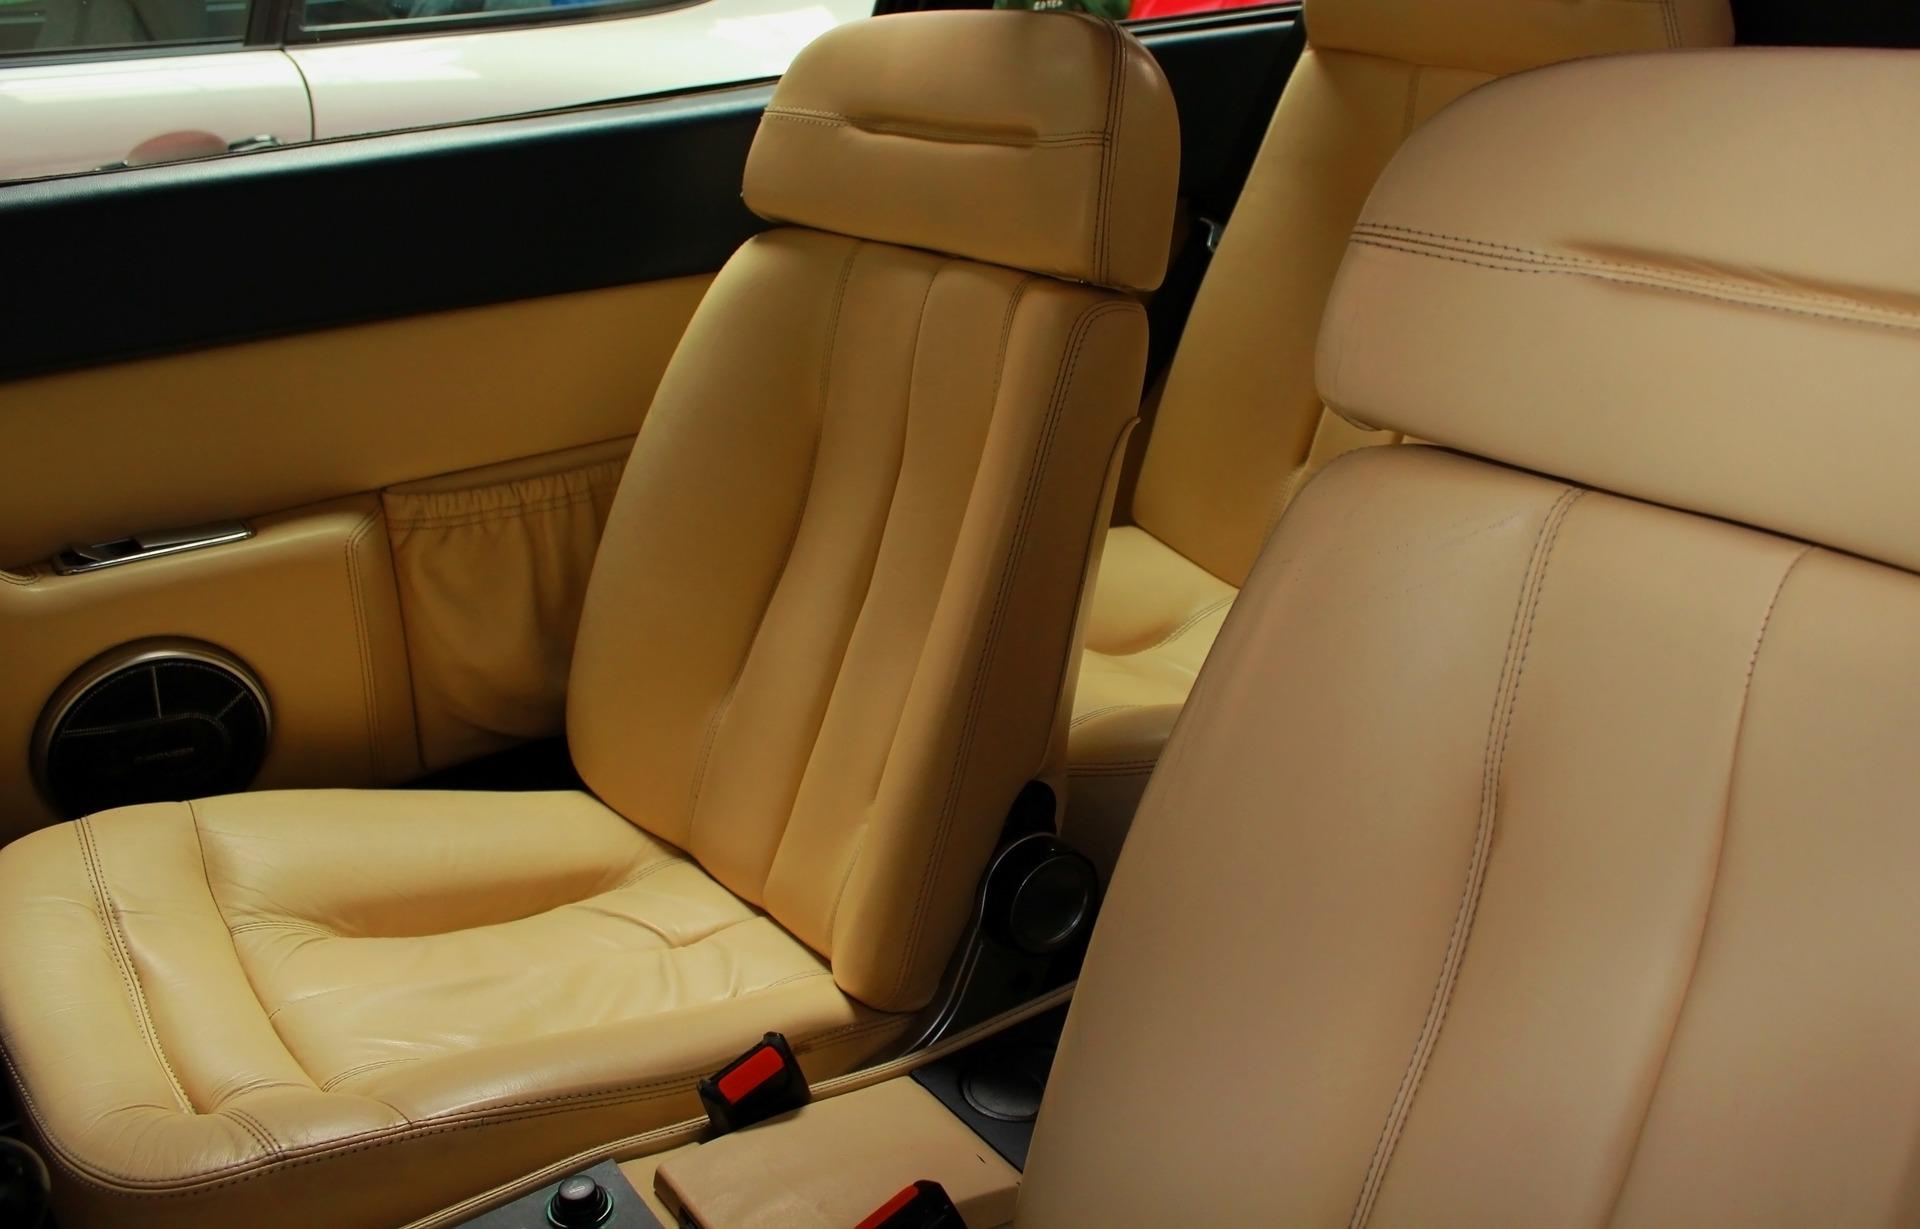 car-1843146_1920.jpg